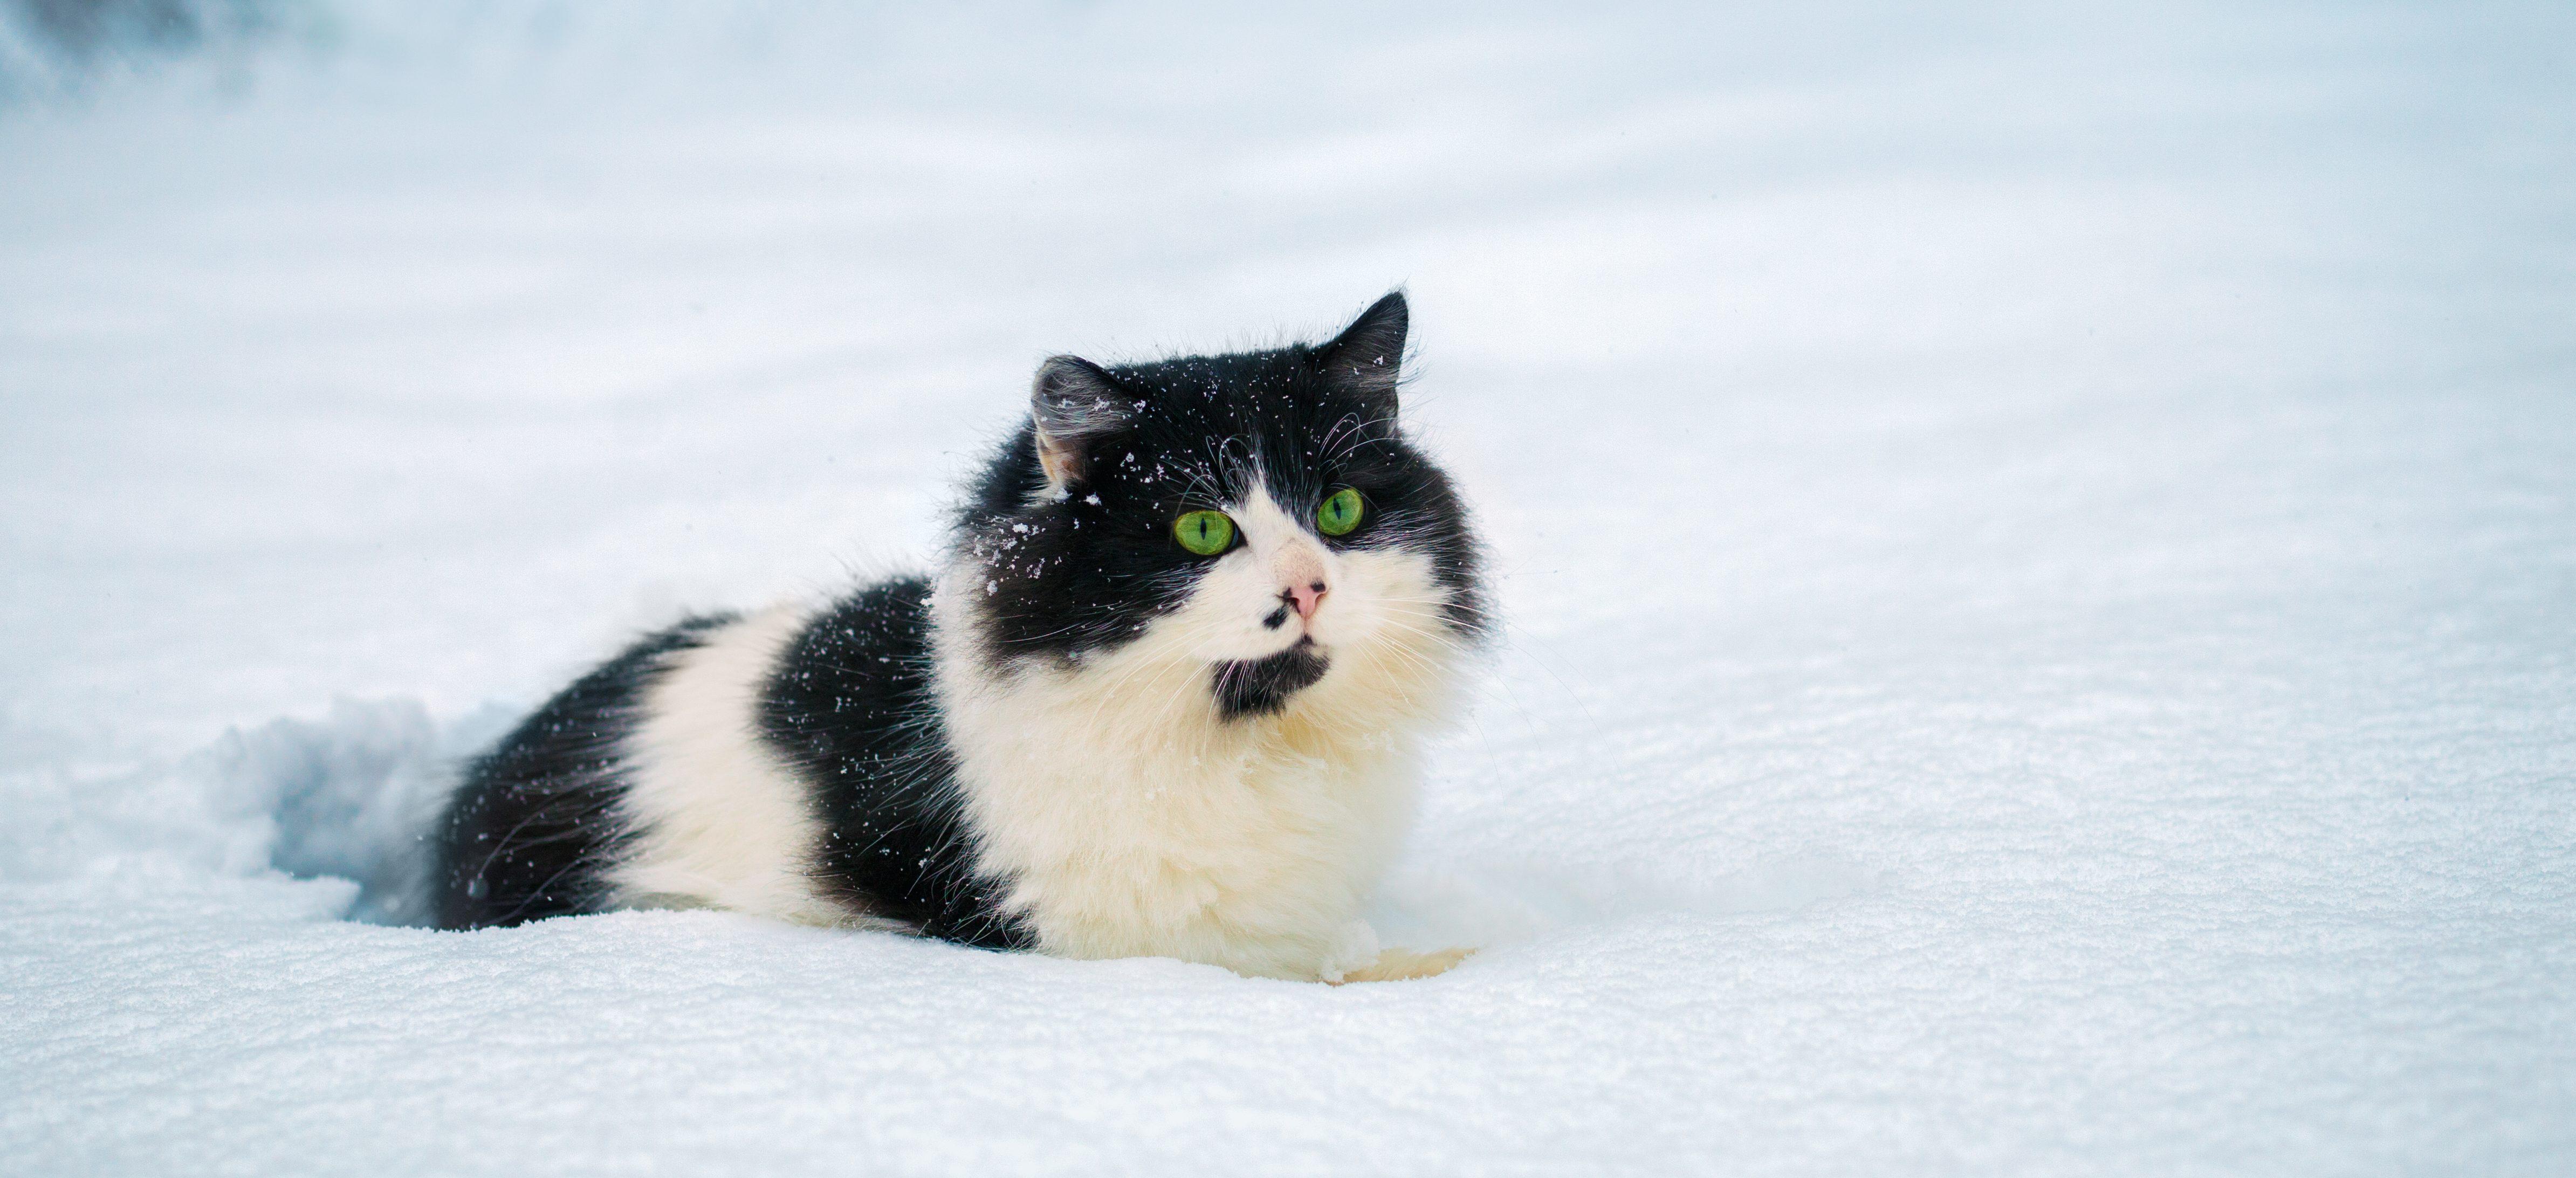 10 Consigli su come comportarsi, con i propri animali, nei periodi dell'anno più freddi, a cura della LNDC